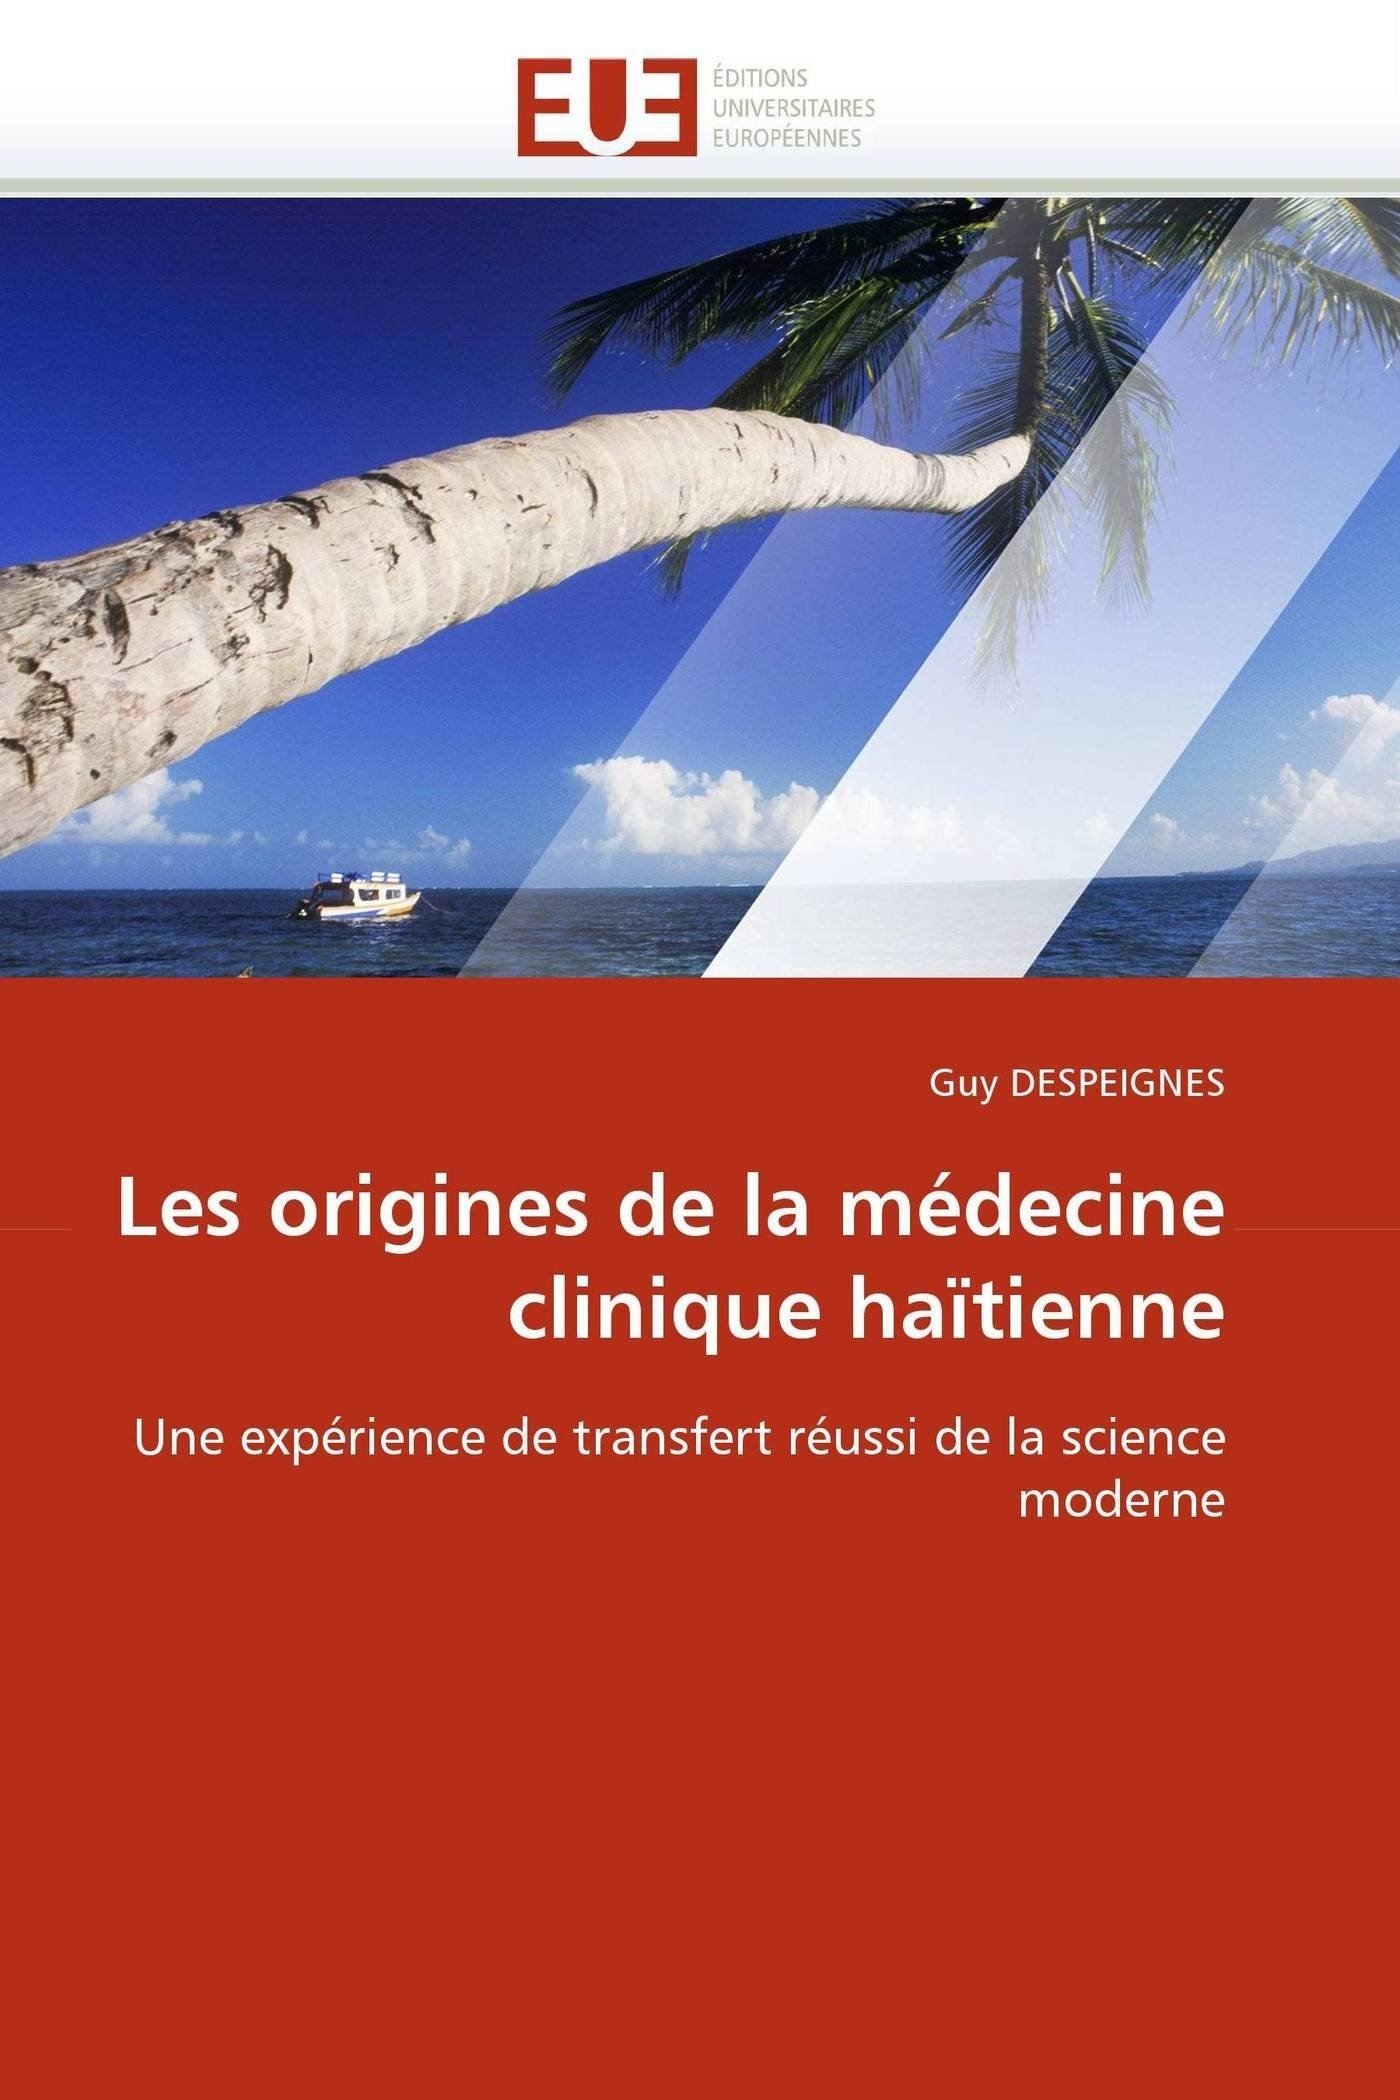 Les origines de la médecine clinique haïtienne: Une expérience de transfert réussi de la science moderne (Omn.Univ.Europ.) (French Edition) by Guy Despeignes